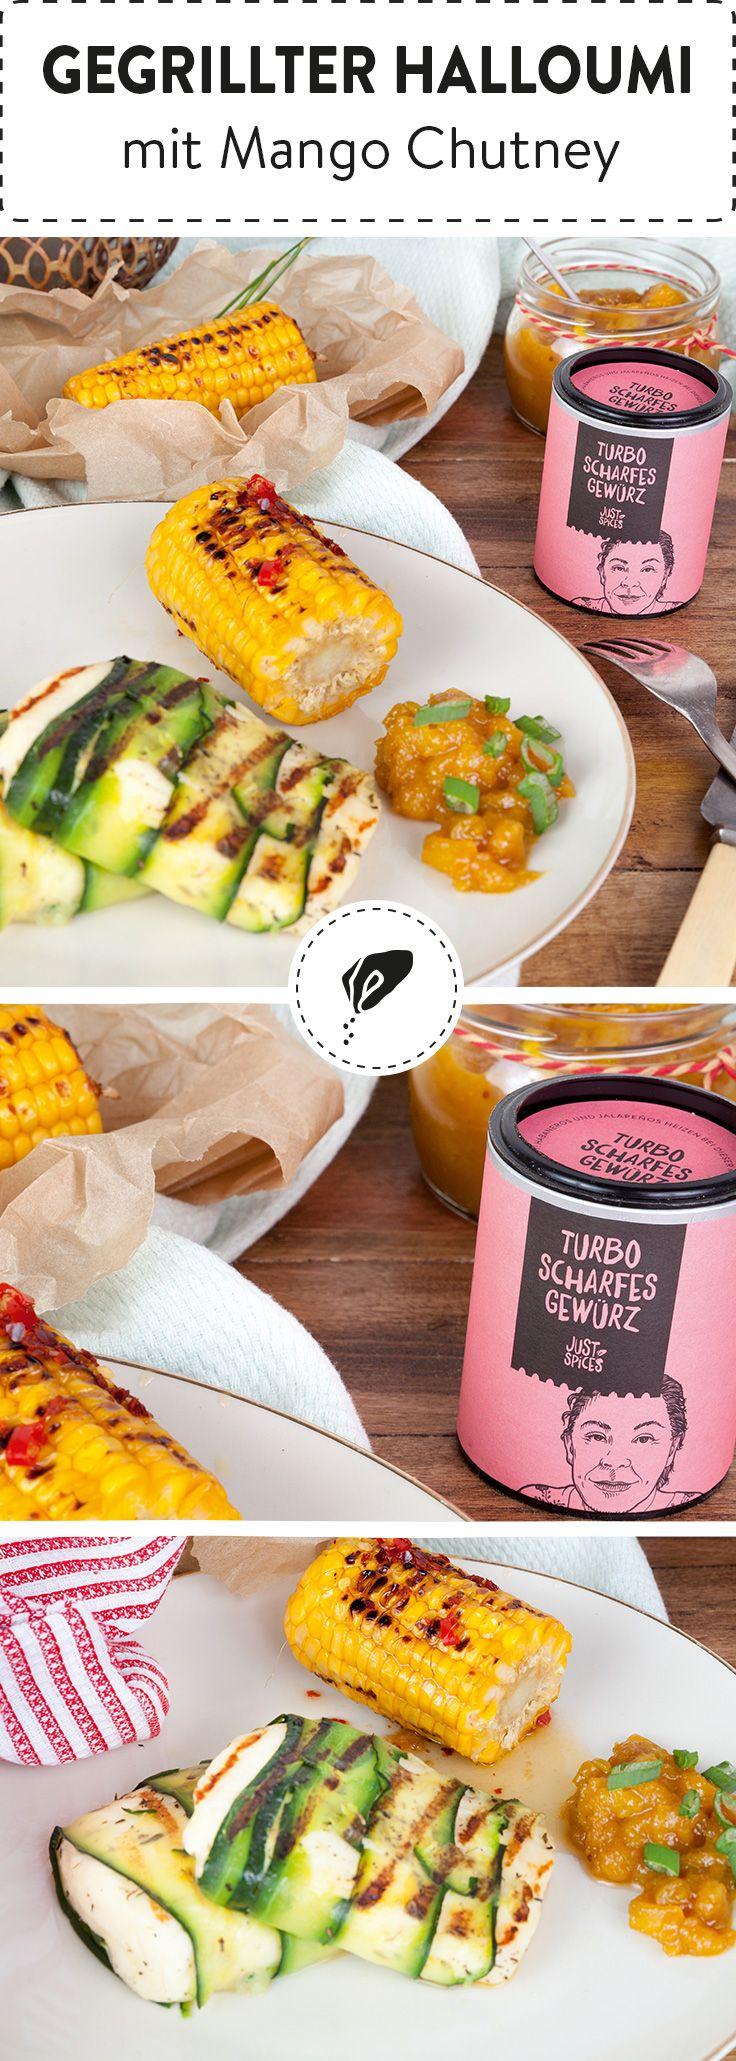 Du hast Lust auf vegetarisch? Dann probiere doch mal unseren gegrillten Halloumi mit fruchtigem Mangochutney aus! Der halbfeste Käse eignet sich perfekt zum Marinieren und Grillen.